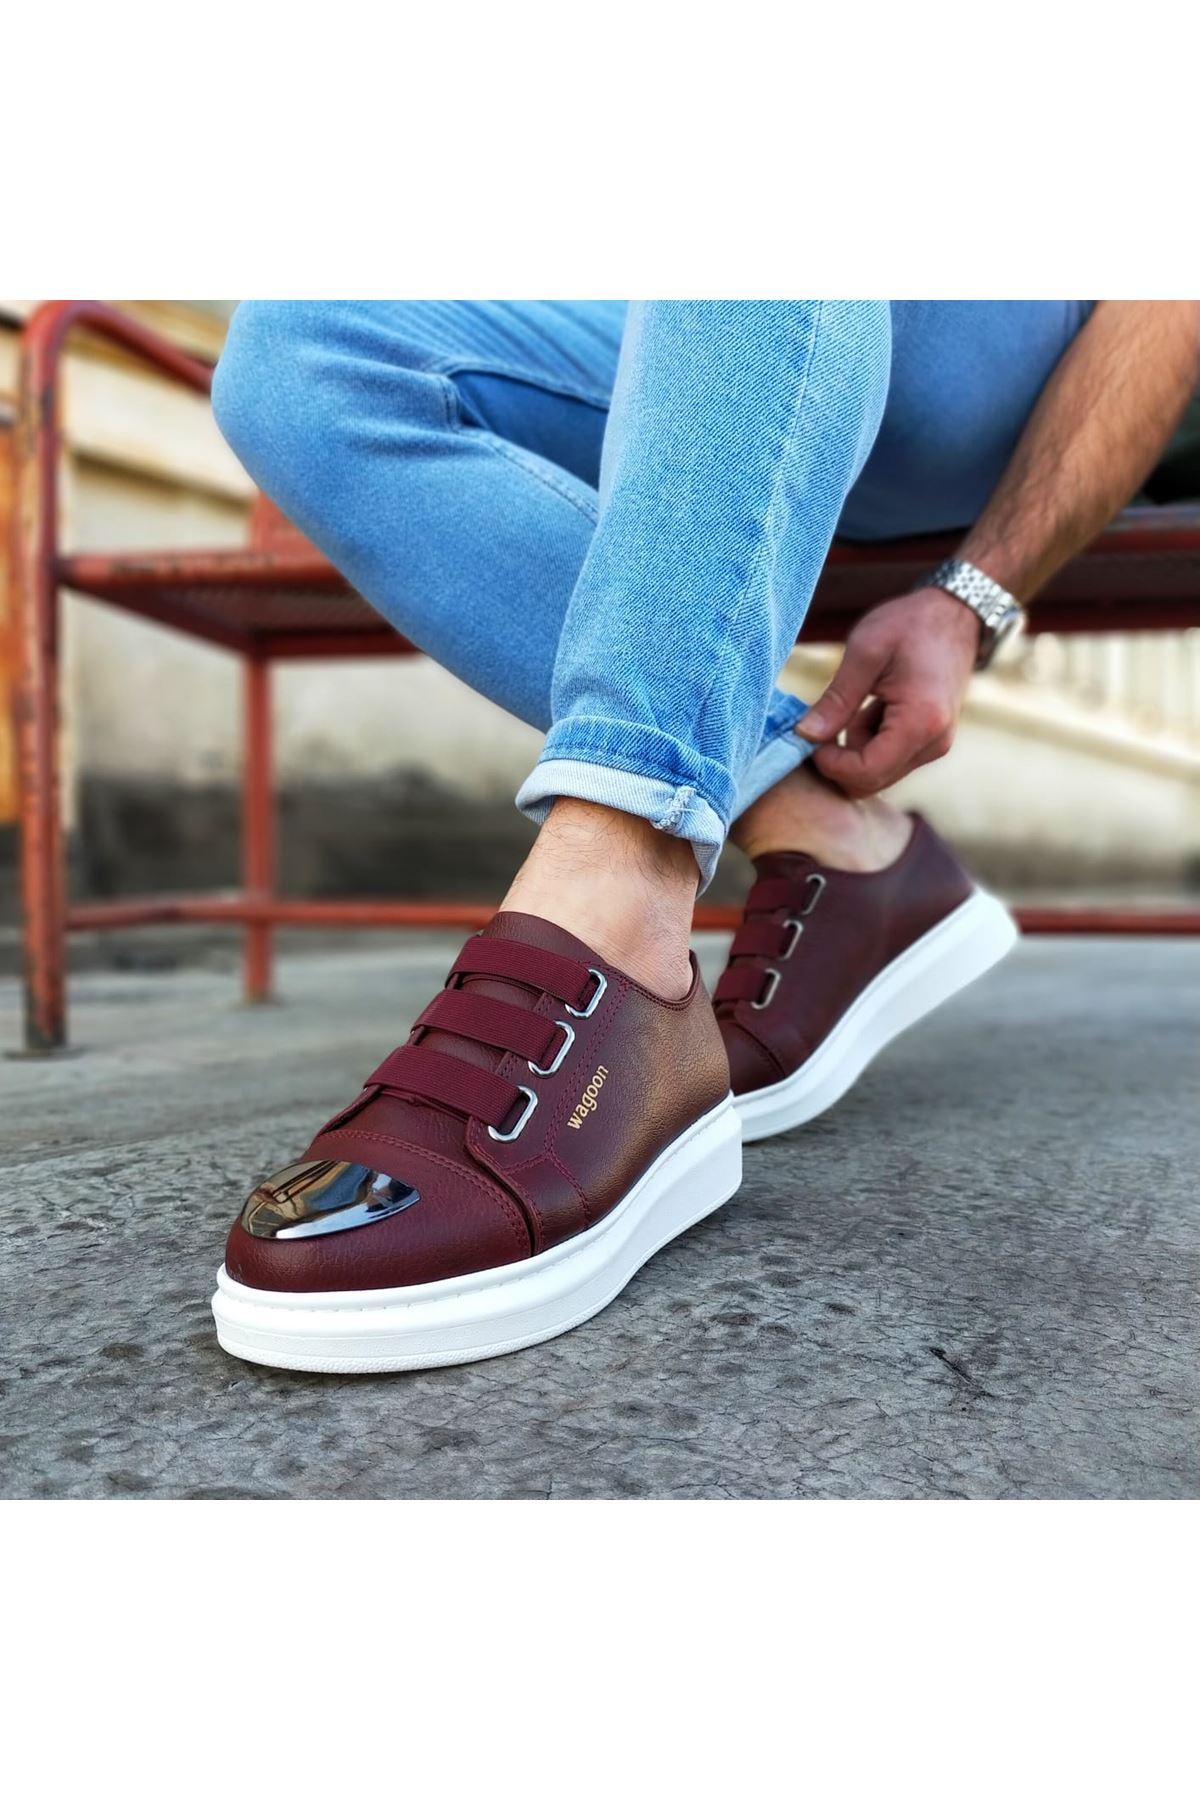 Wagoon WG026D Bordo Kalın Taban Casual Erkek Ayakkabı